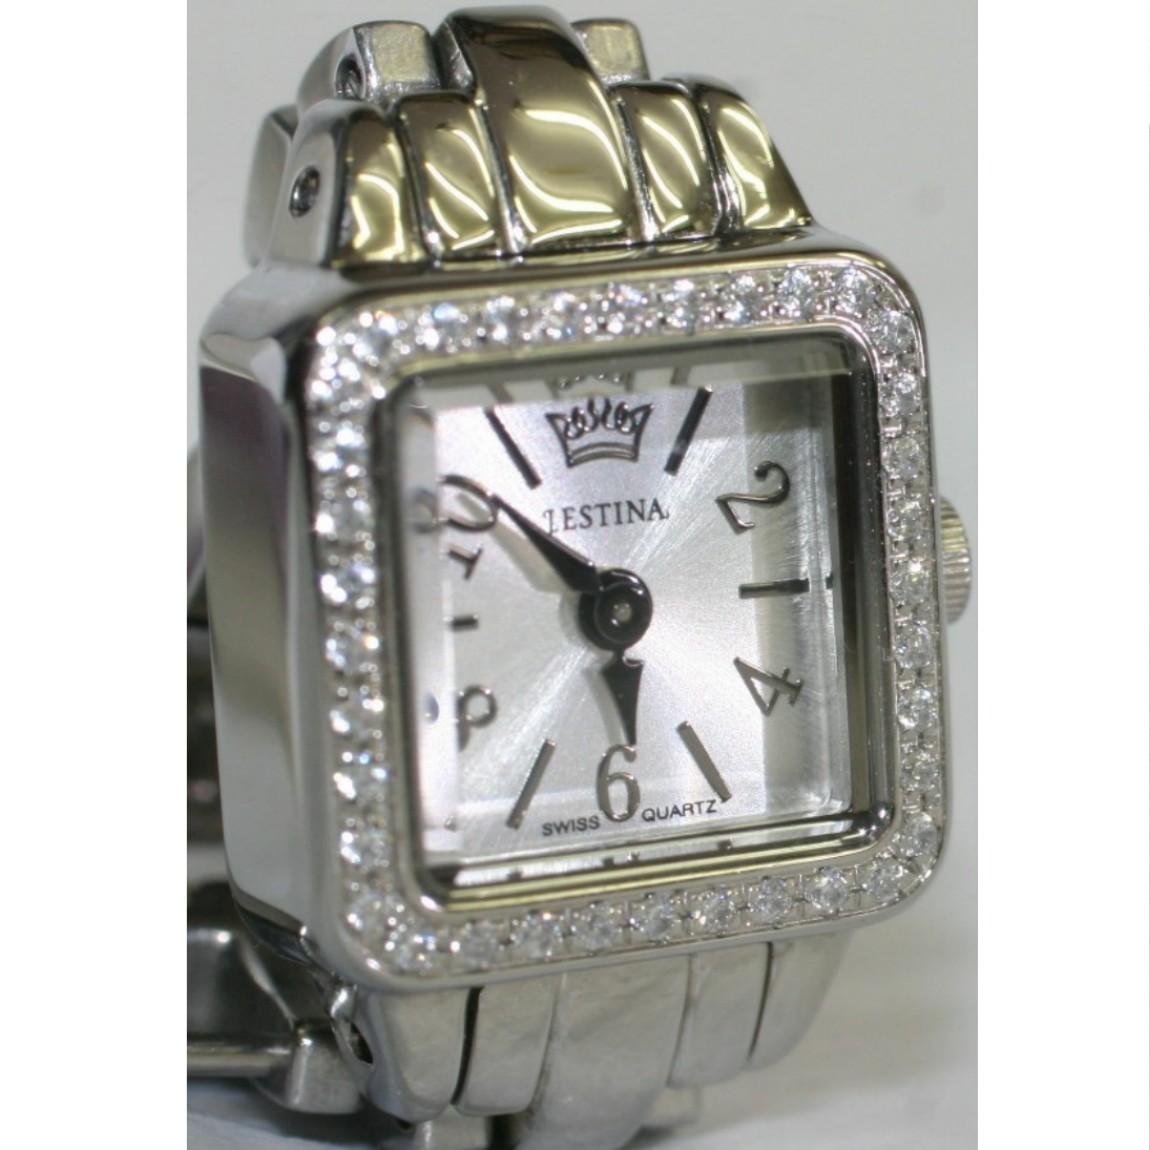 【中古】本物新品同様J・エスティナ女性用クオーツの可愛い時計JM3803CLベゼルにダイヤのような透明な石埋め込まれています